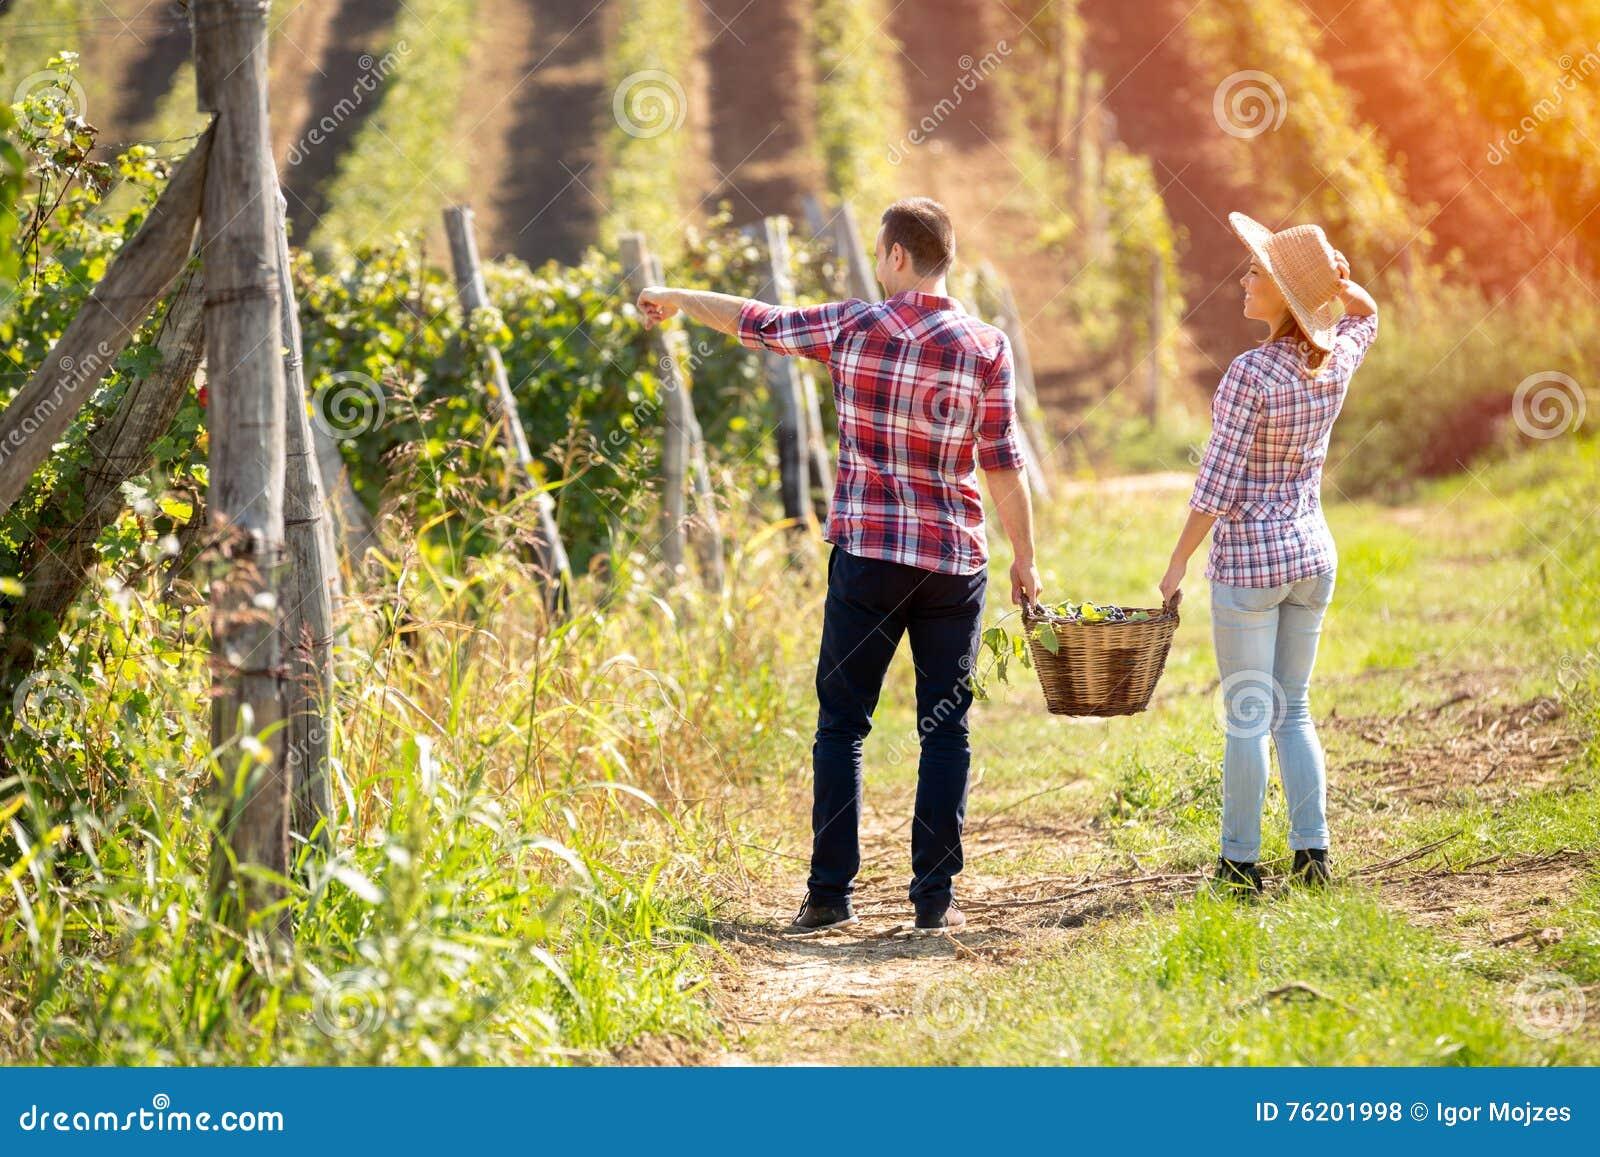 Vista posteriore di giovani coppie che camminano nella vigna